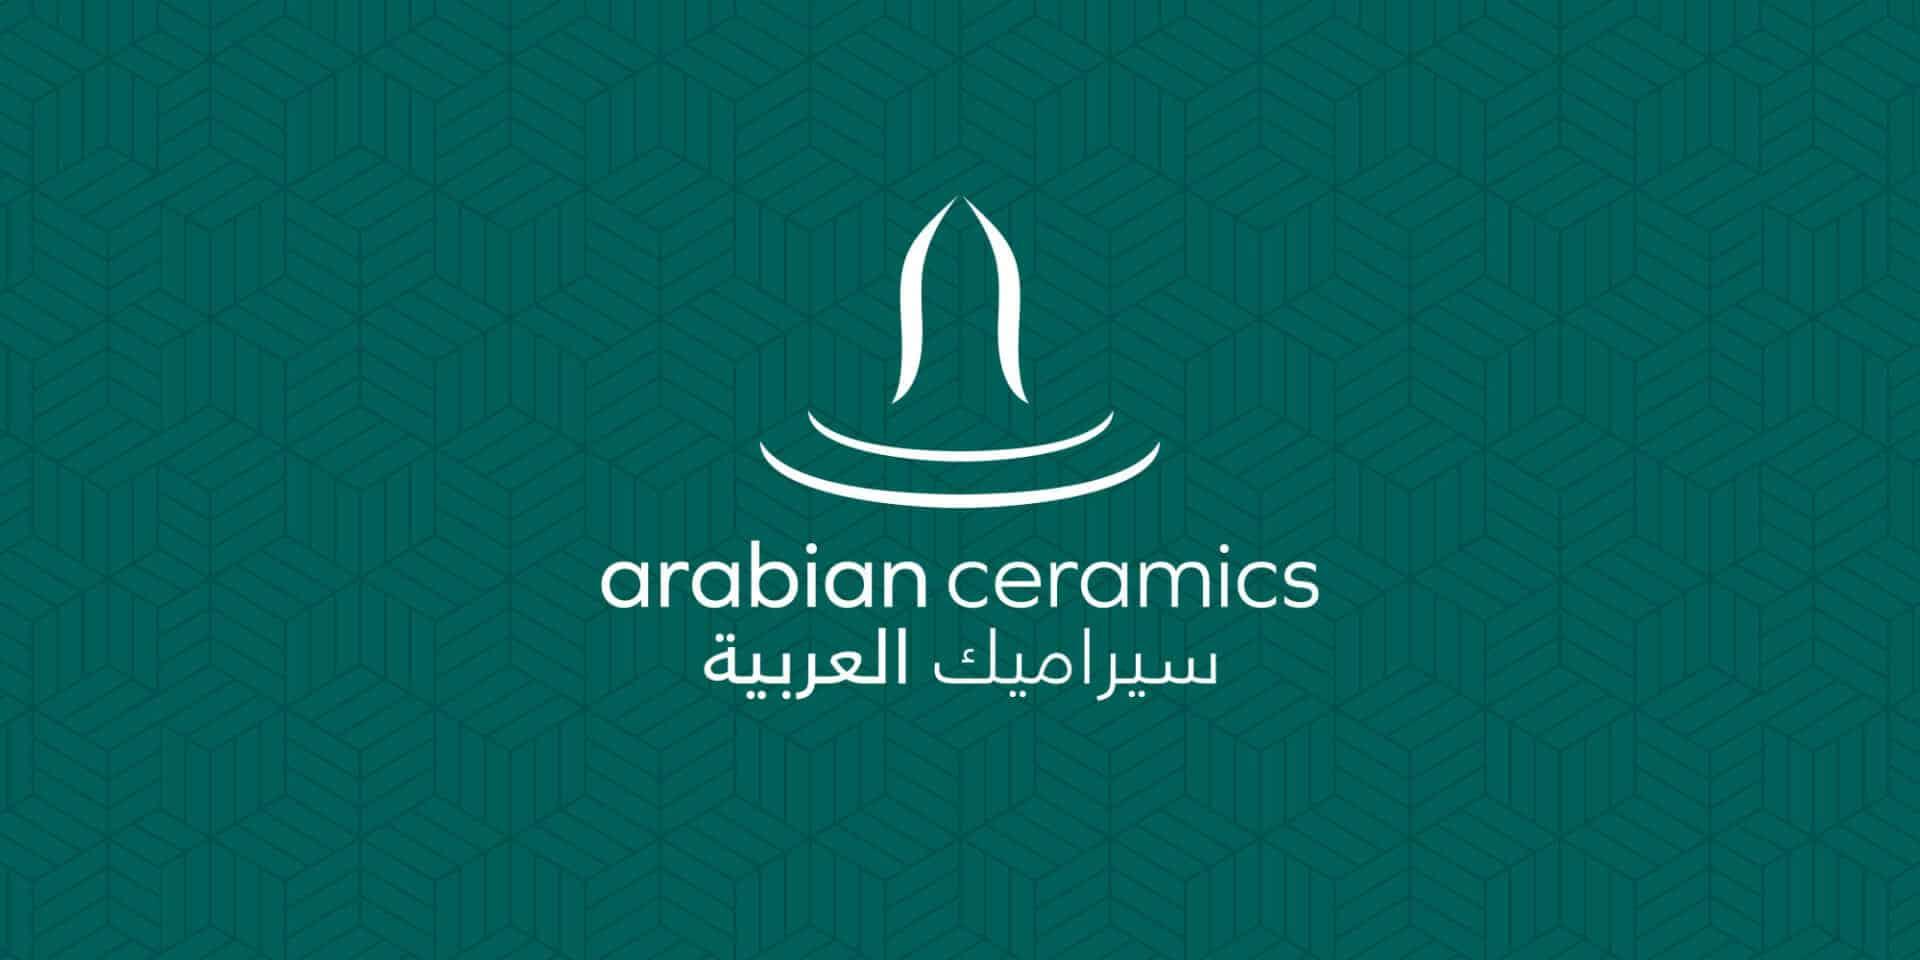 Saudi Arabia Arabian ceramics rebranding